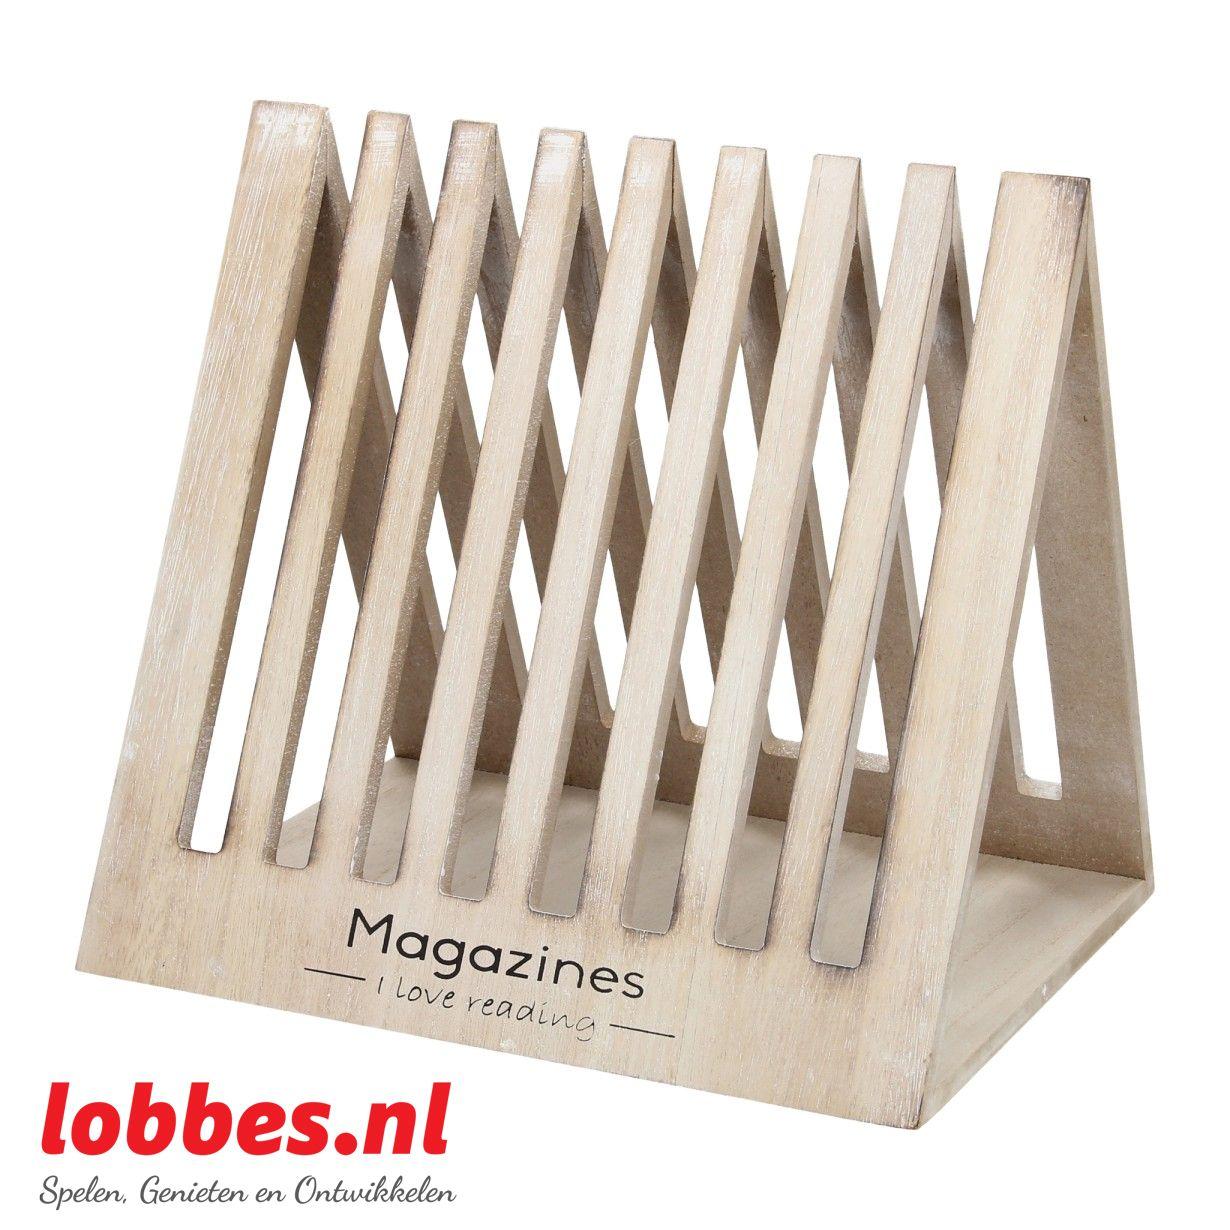 Houten tijdschriftenhouder met 8 brede gleuven om je tijdschriften in te steken.